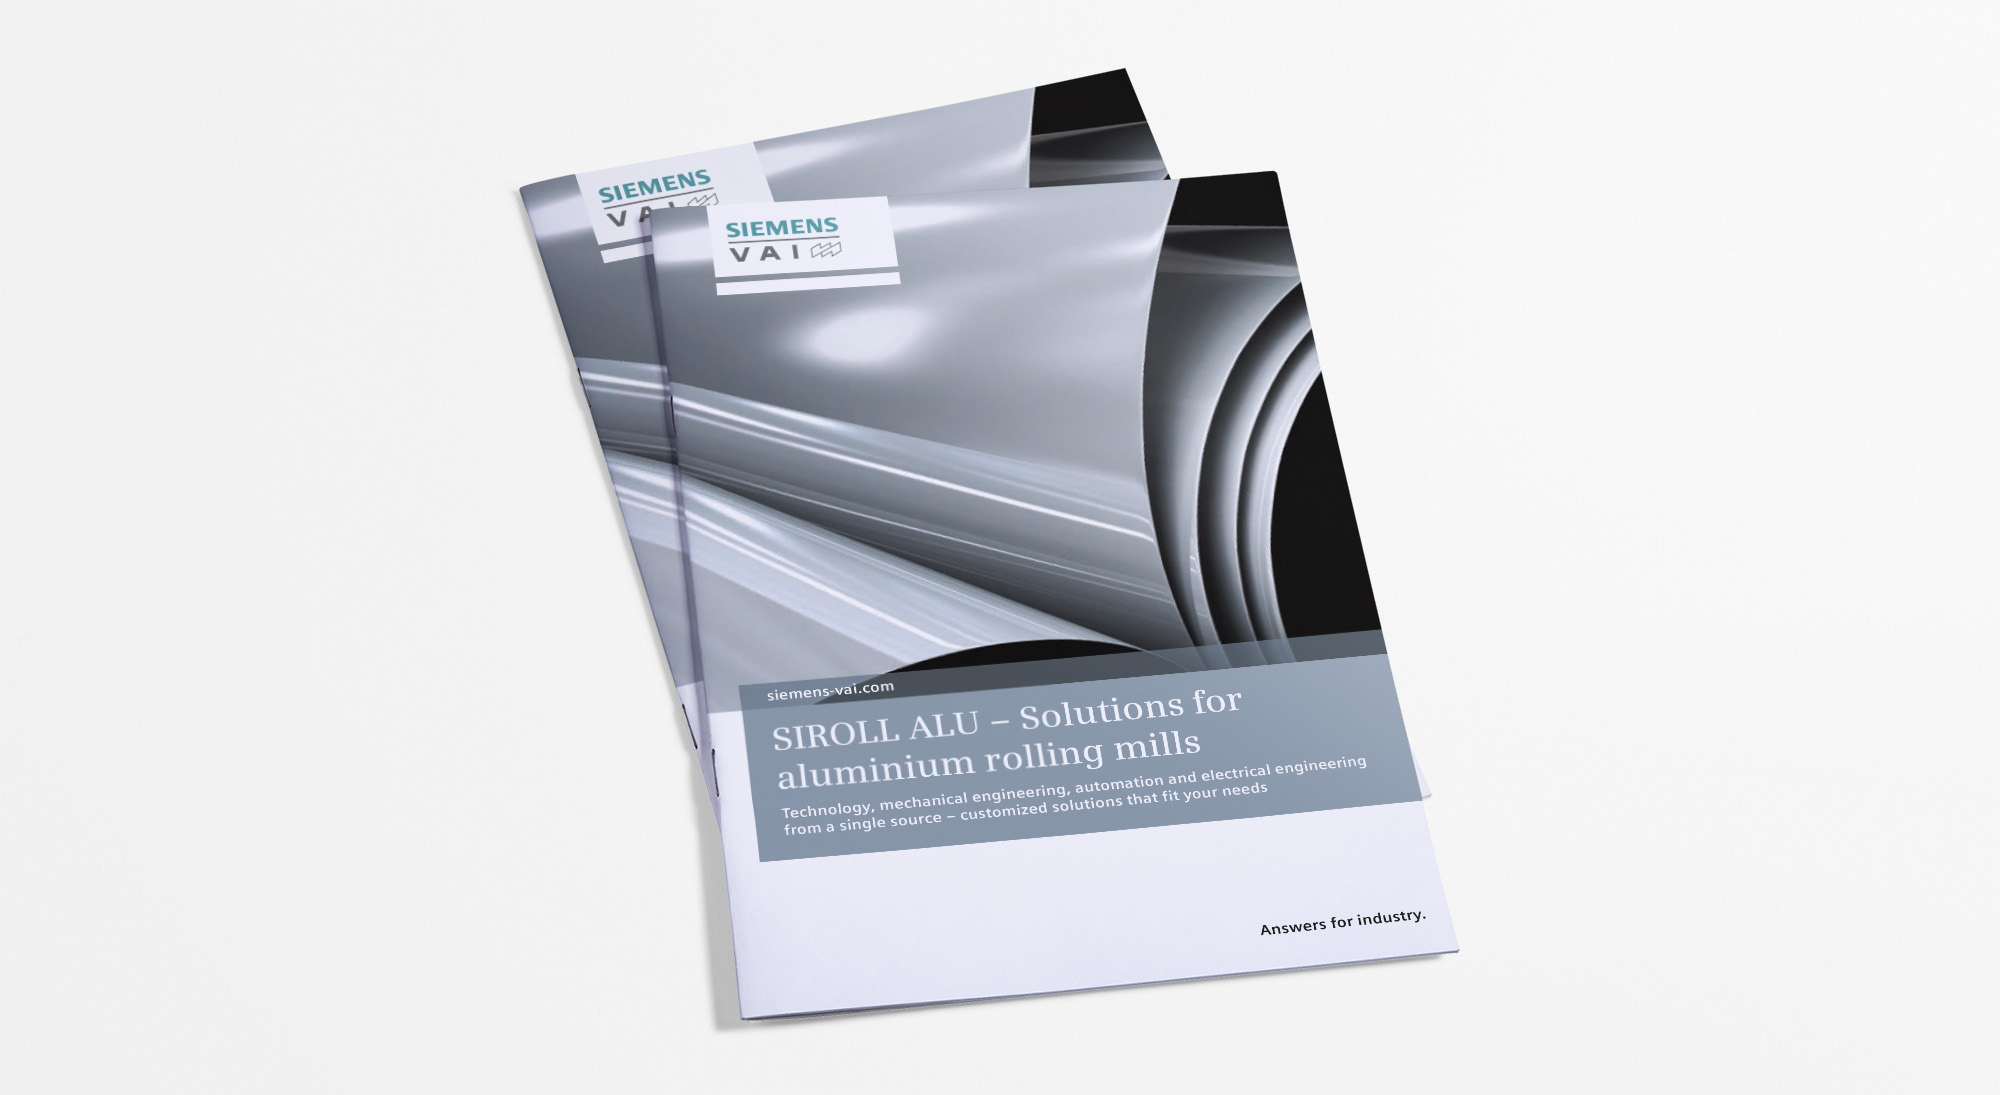 Siemens VAI brochure covers